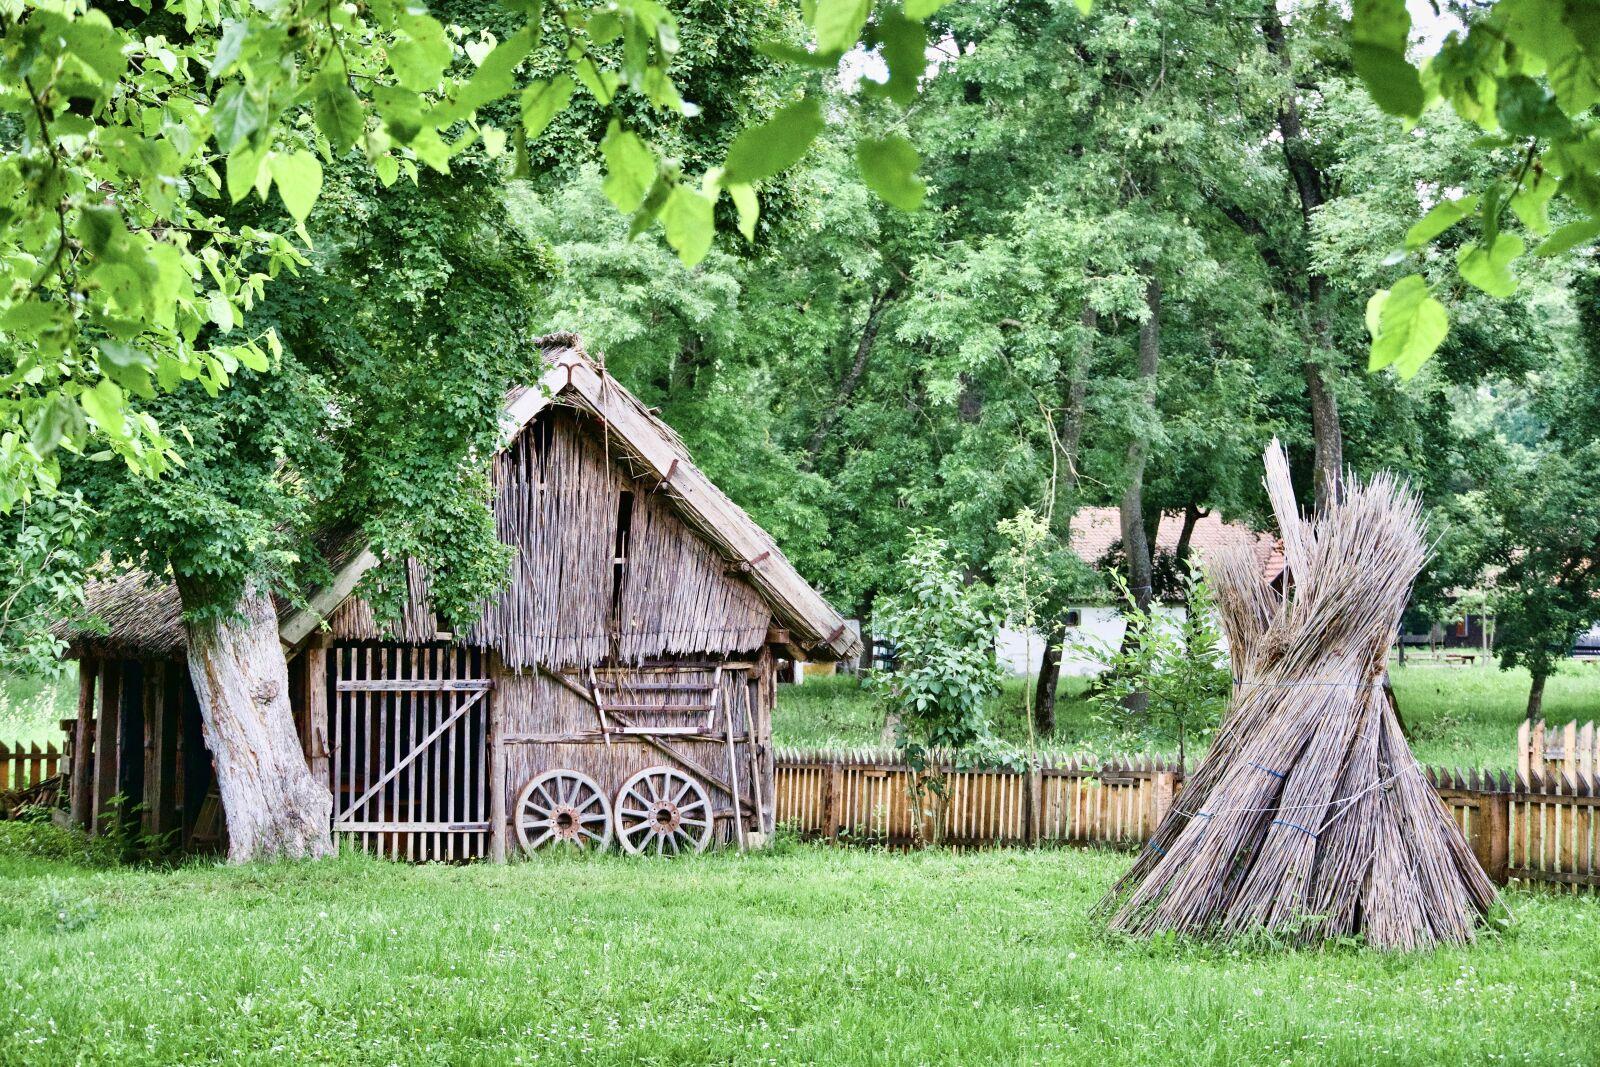 """Sony a6500 sample photo. """"Farm house, rural, barn"""" photography"""